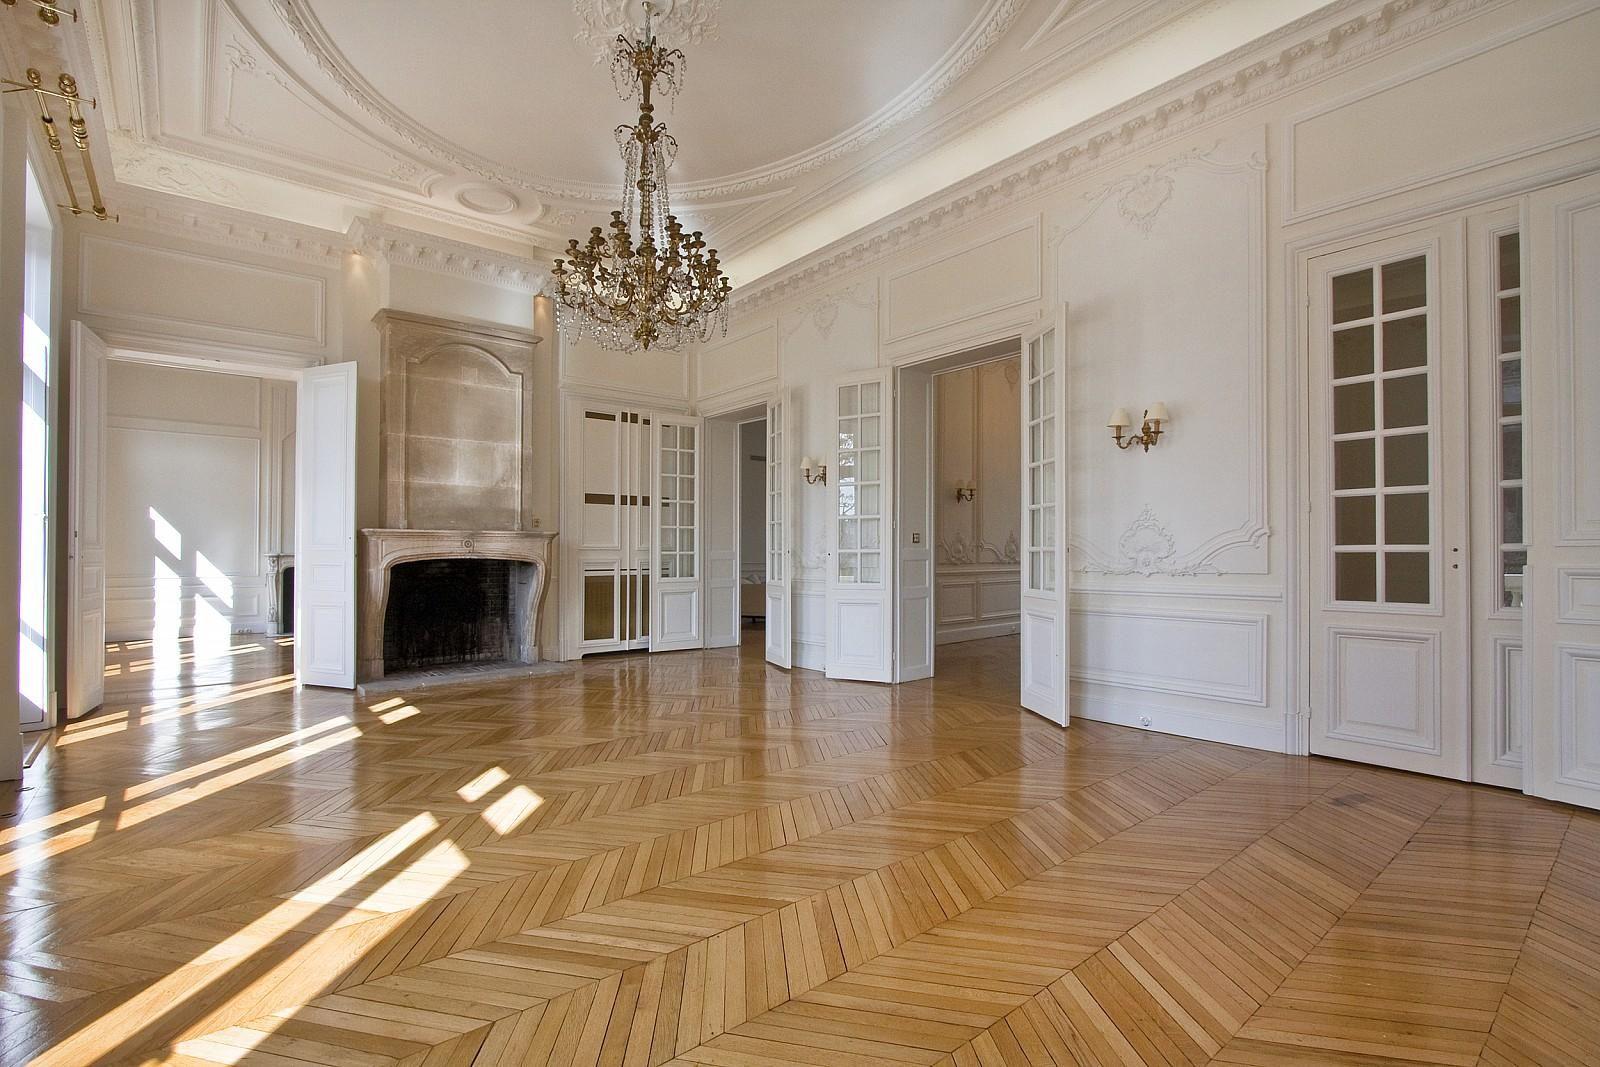 In one of the Hôtel des Maréchaux, located place de l